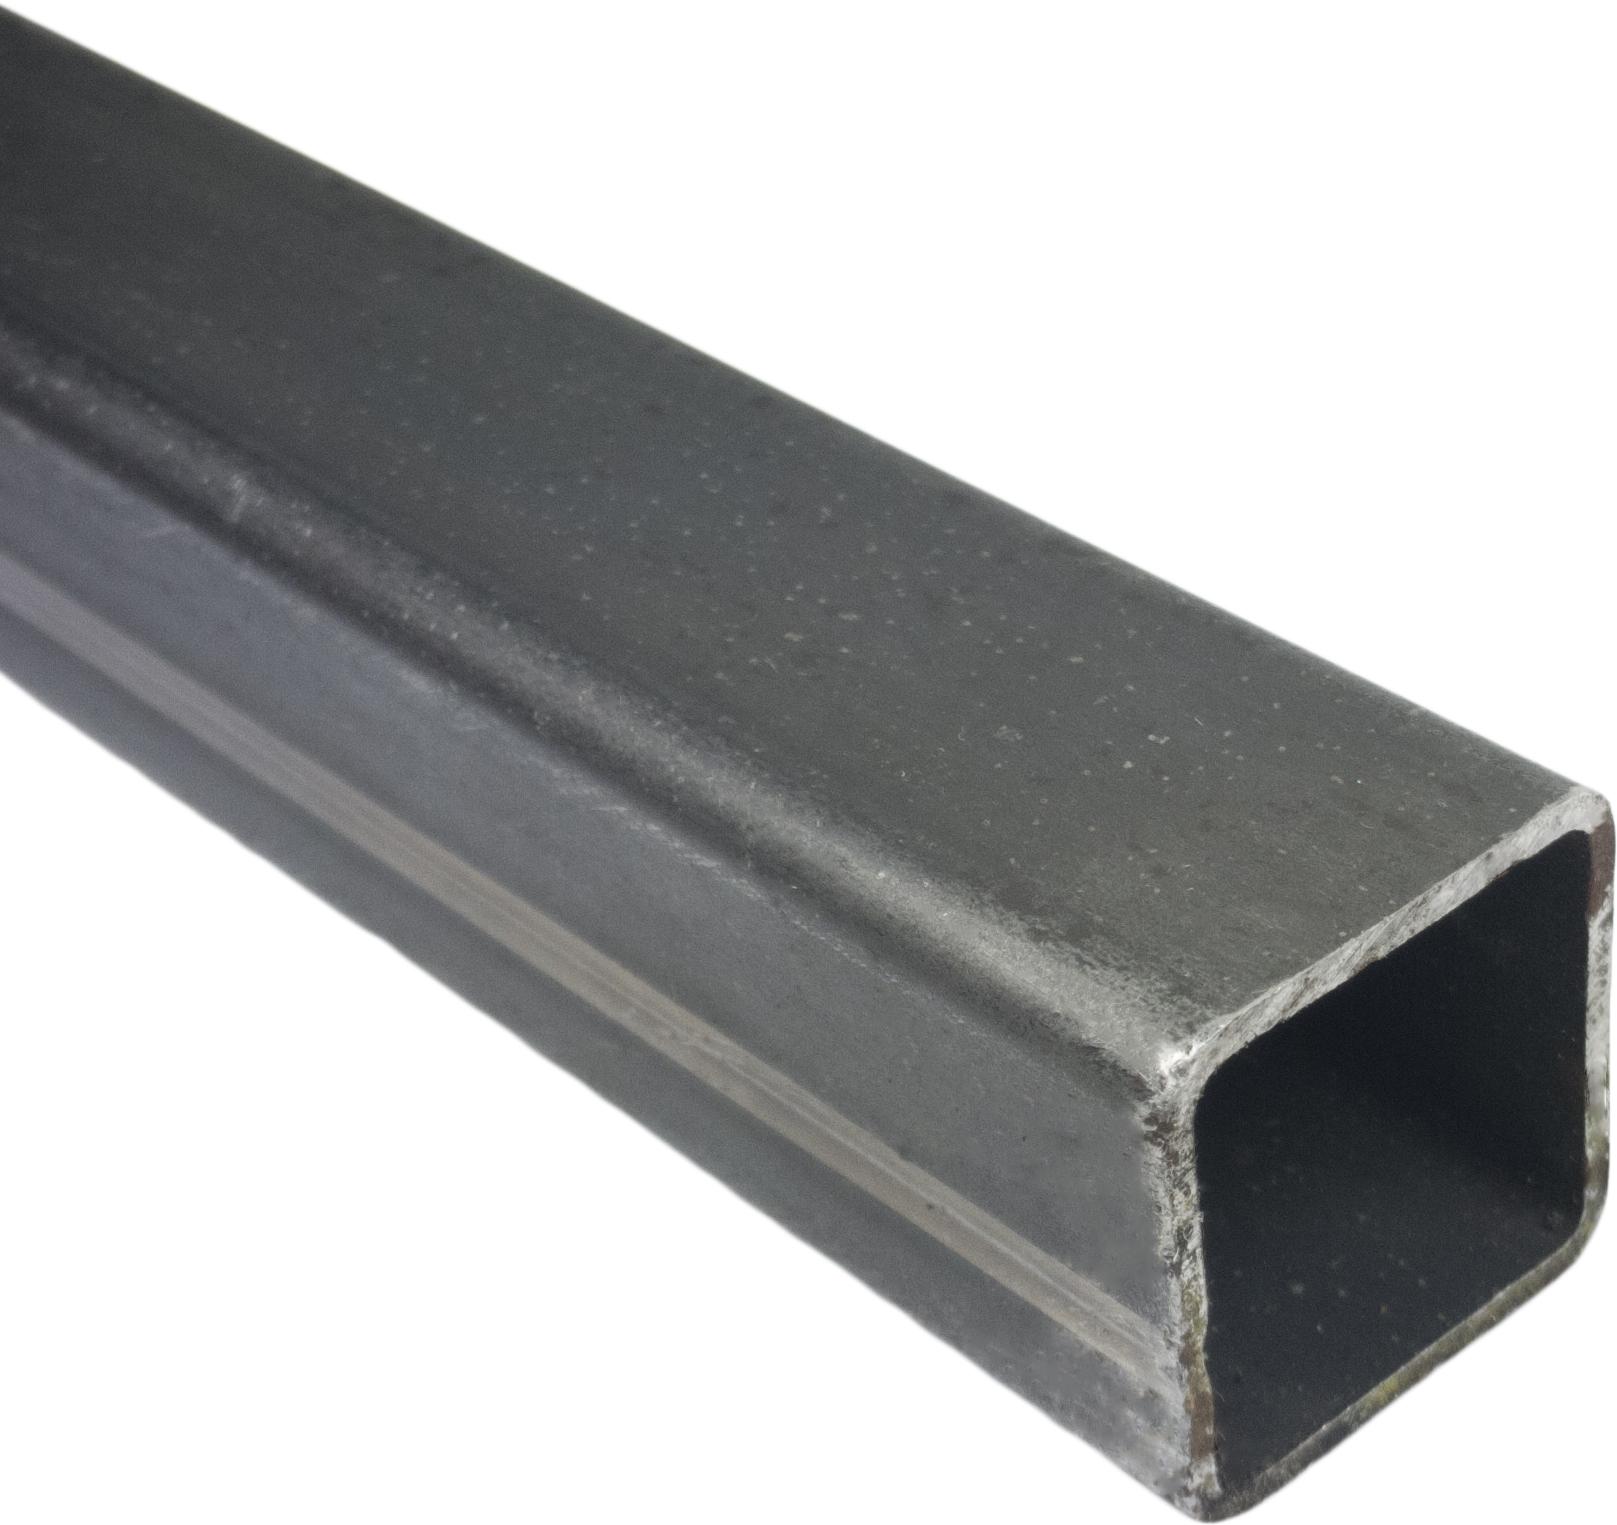 Profil stalowy zamknięty 20x20x2 długość 1000mm